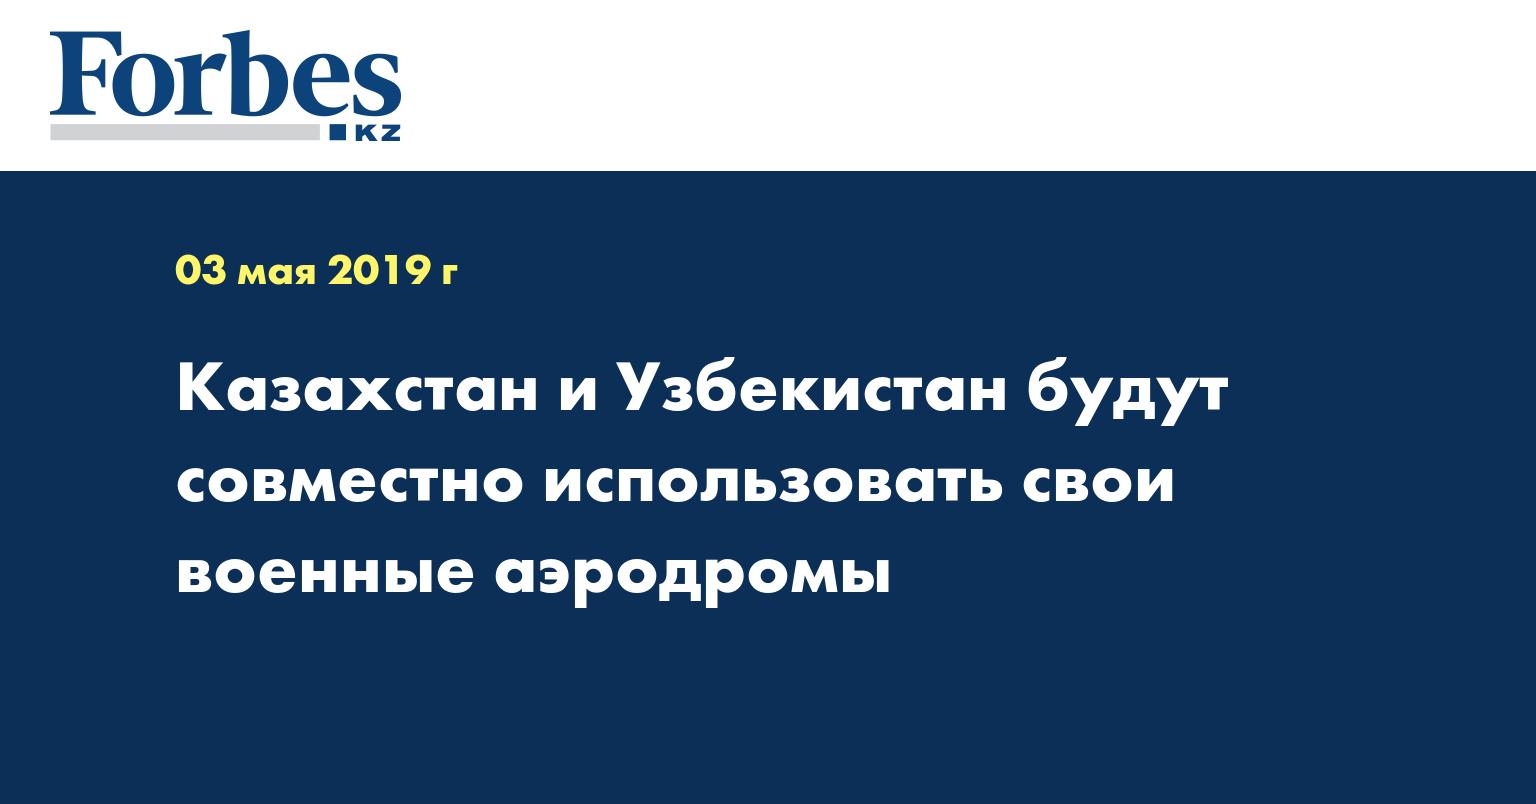 Казахстан и Узбекистан будут совместно использовать свои военные аэродромы